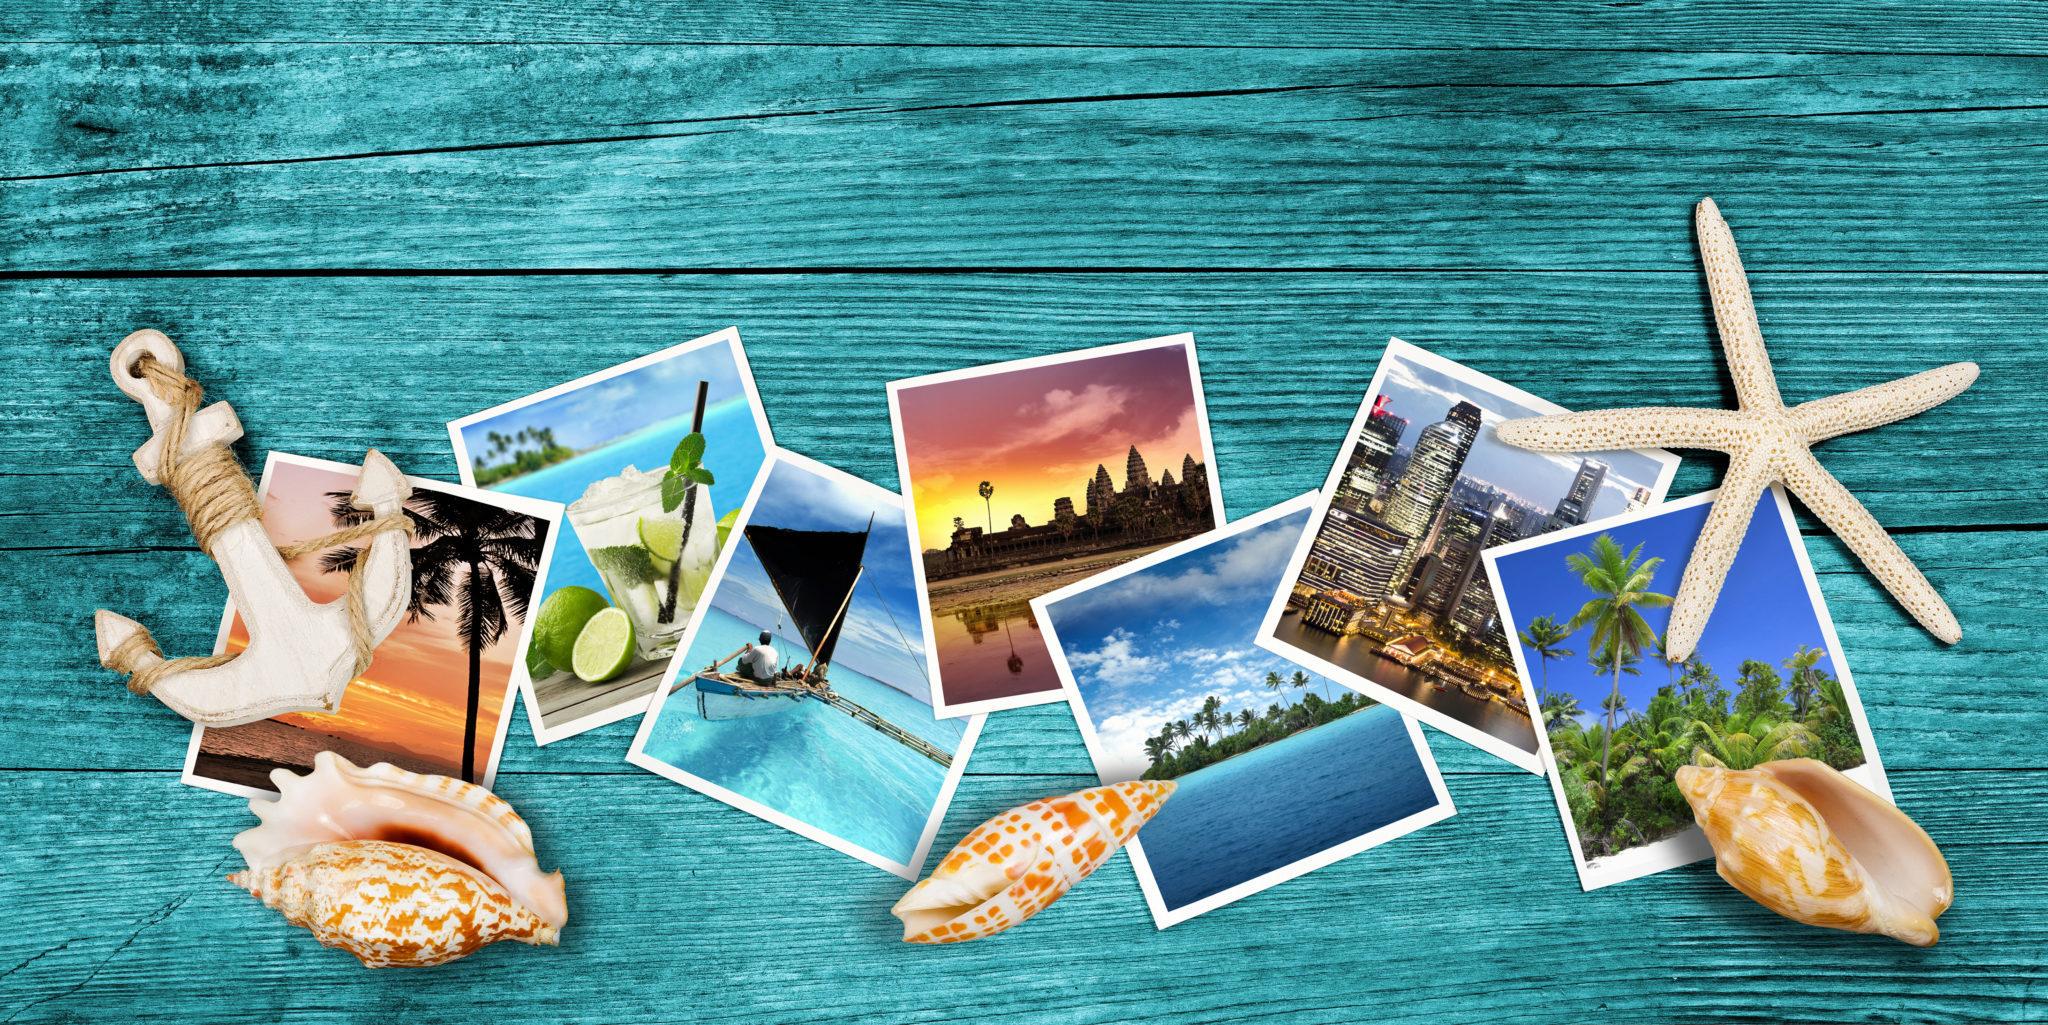 vignette-souvenir-vacances-2048x1025.jpg